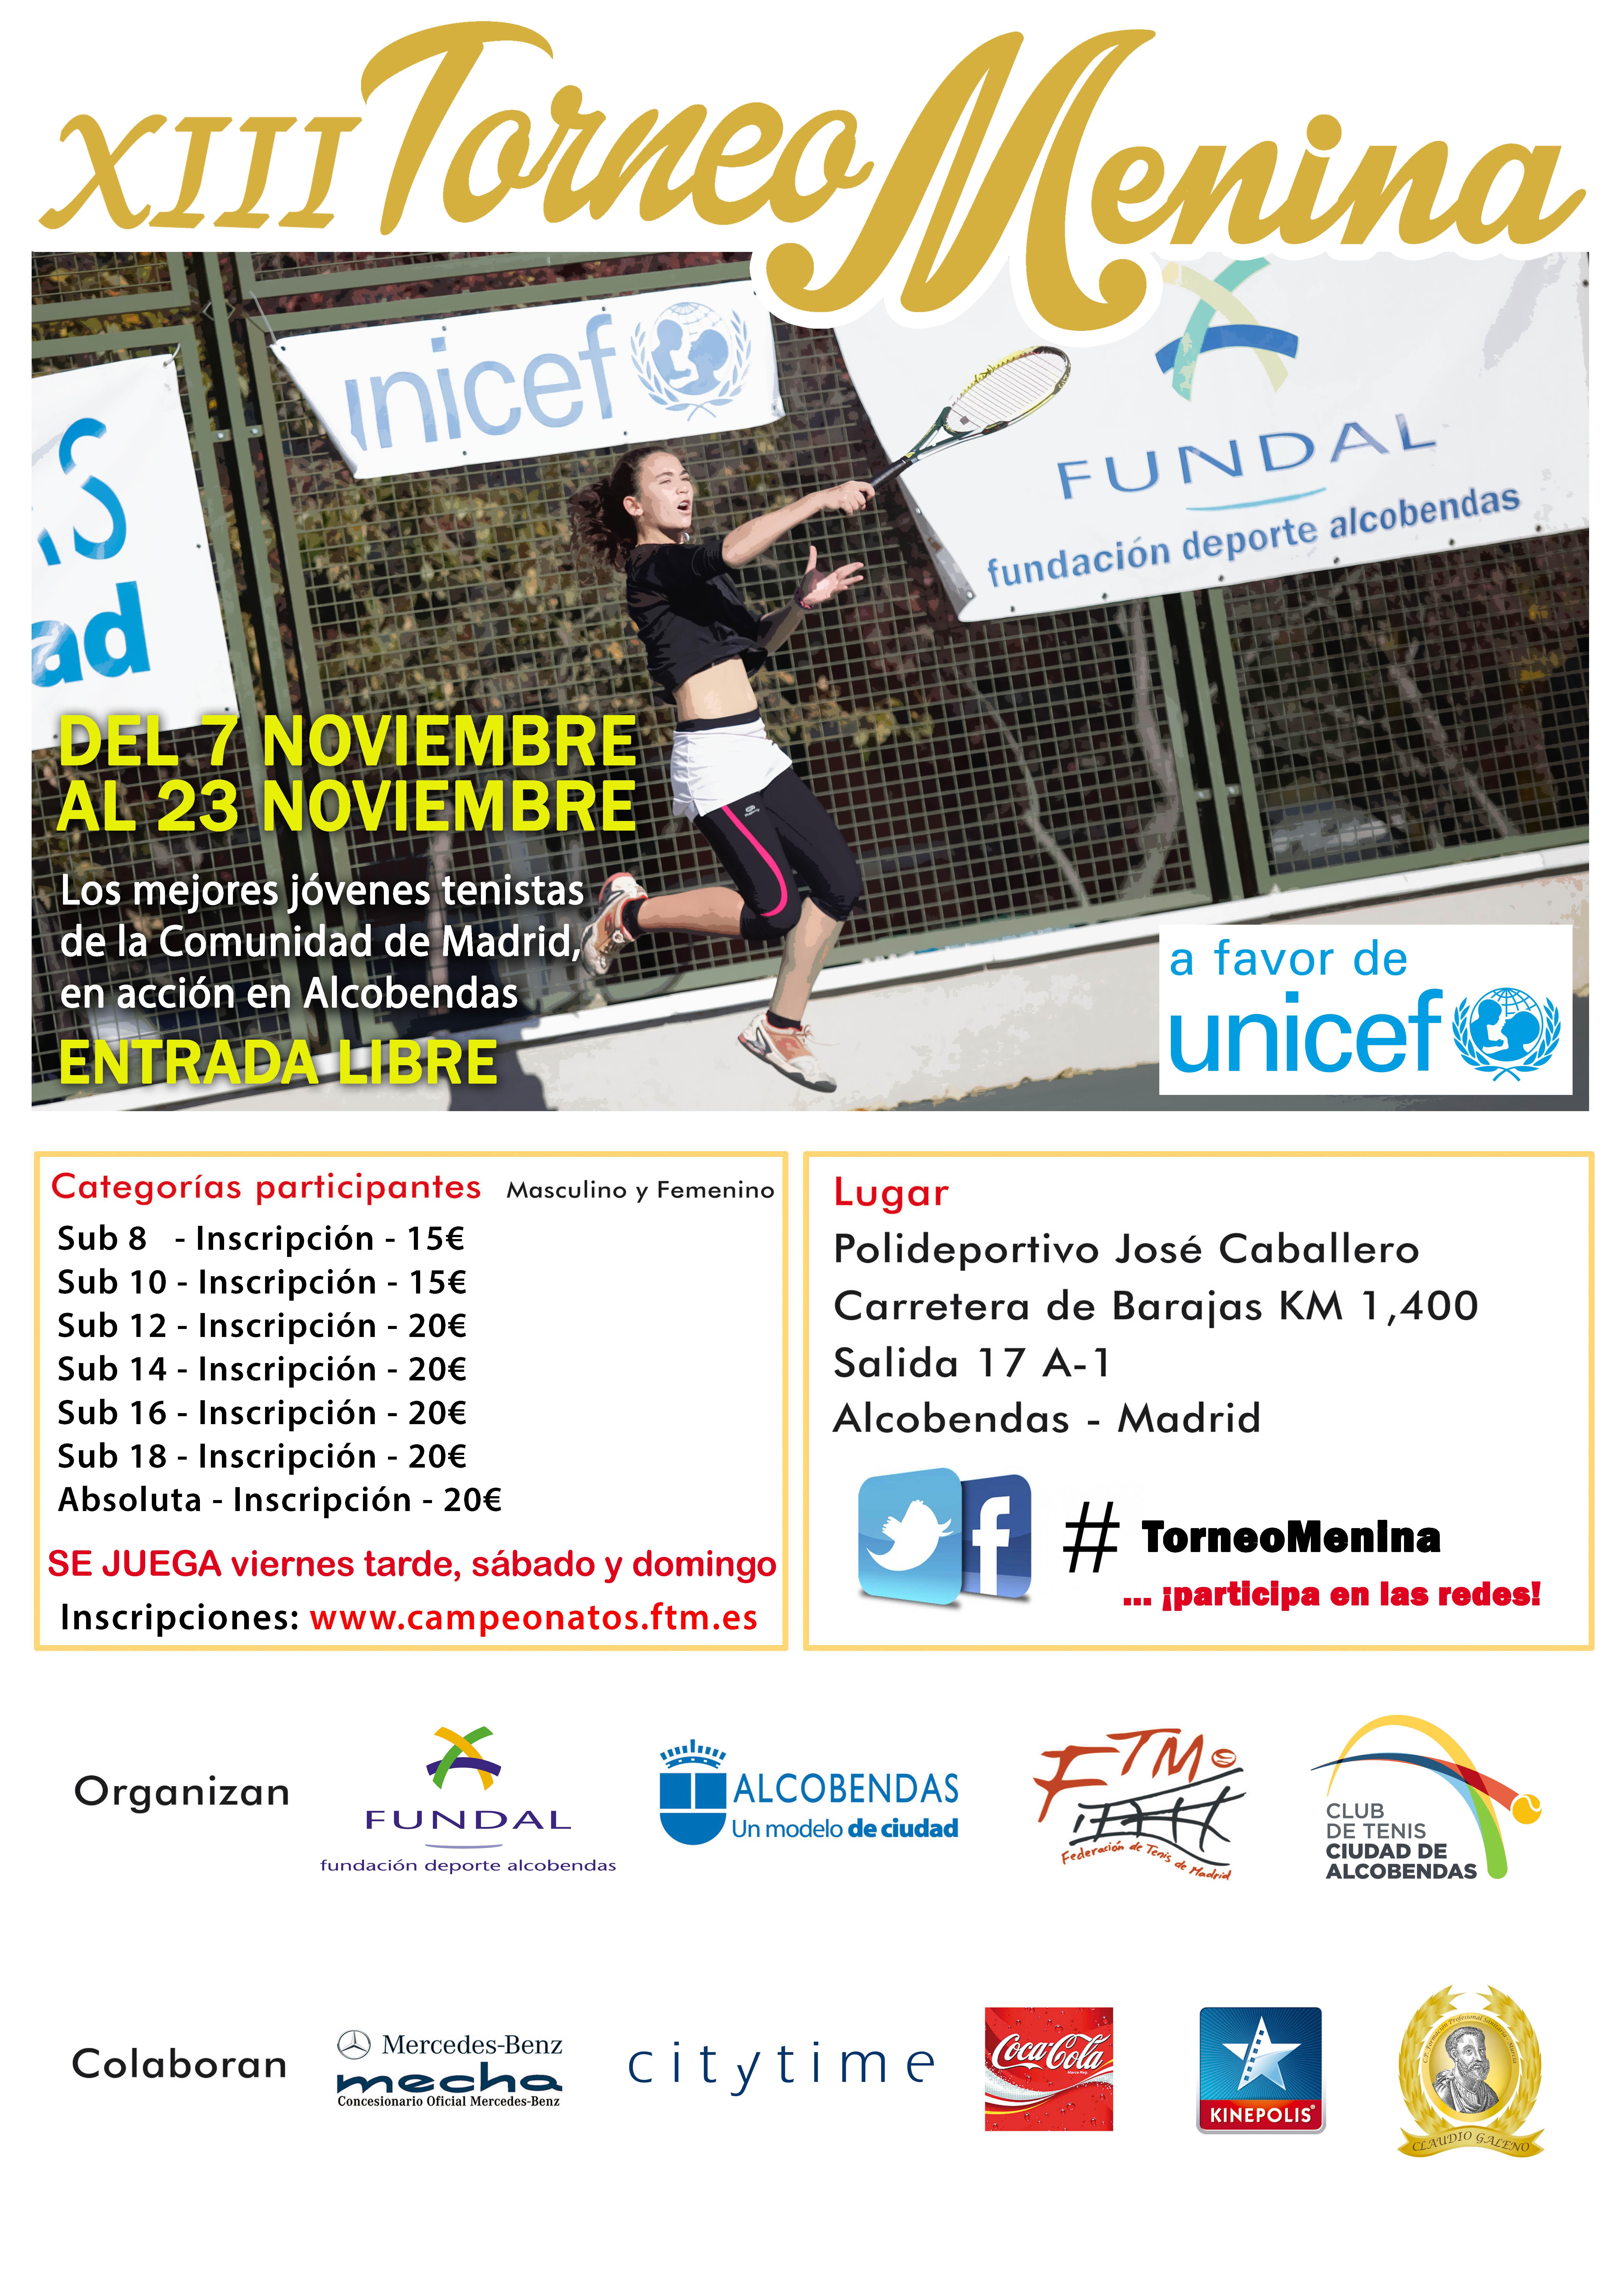 Cartel Torneo Menina 2014